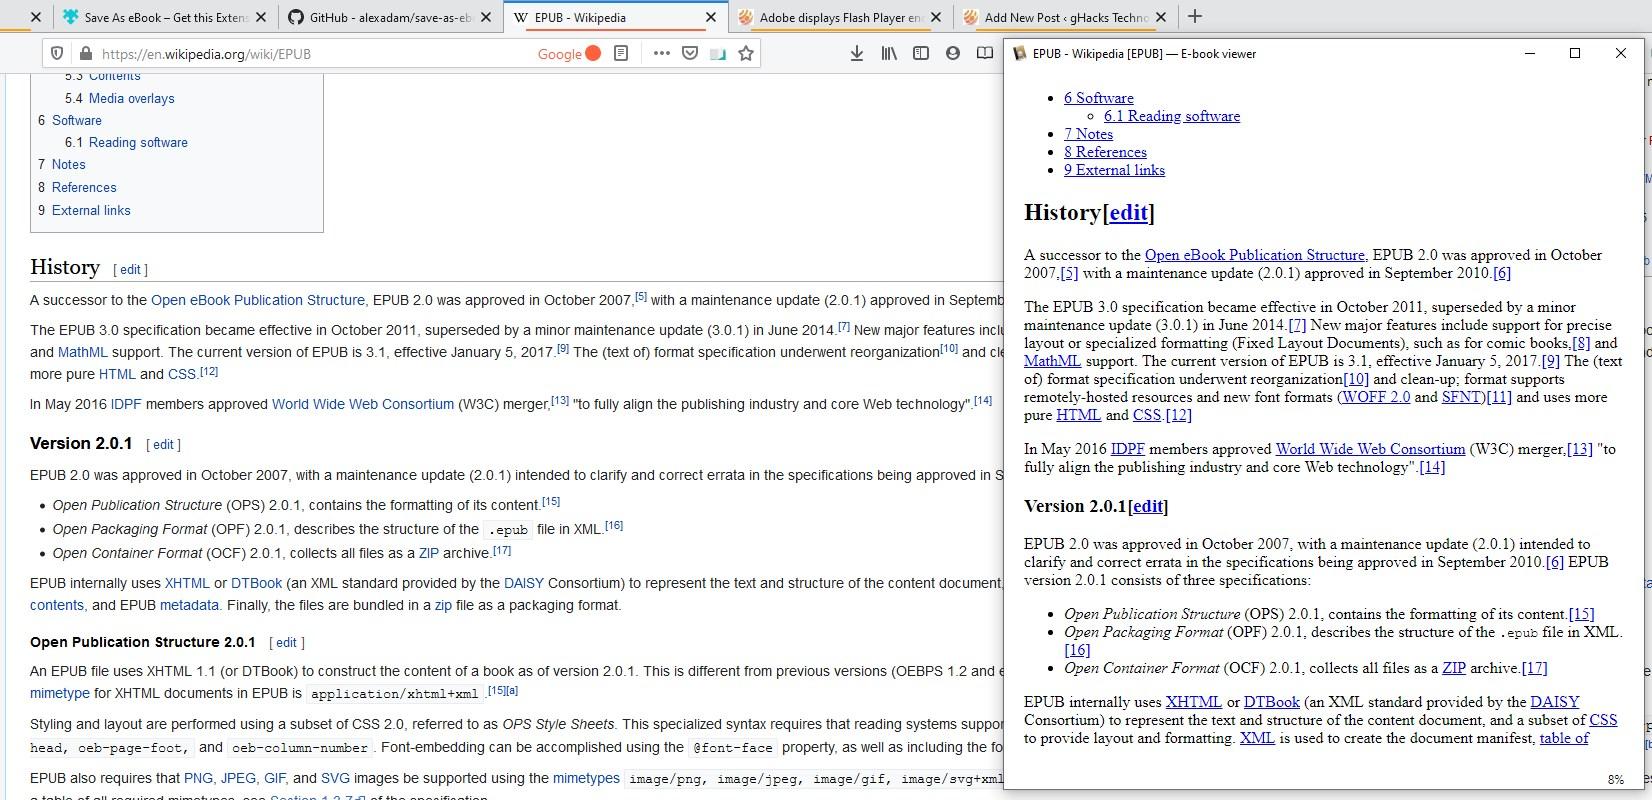 Guardar página como libro electrónico - Wikipedia